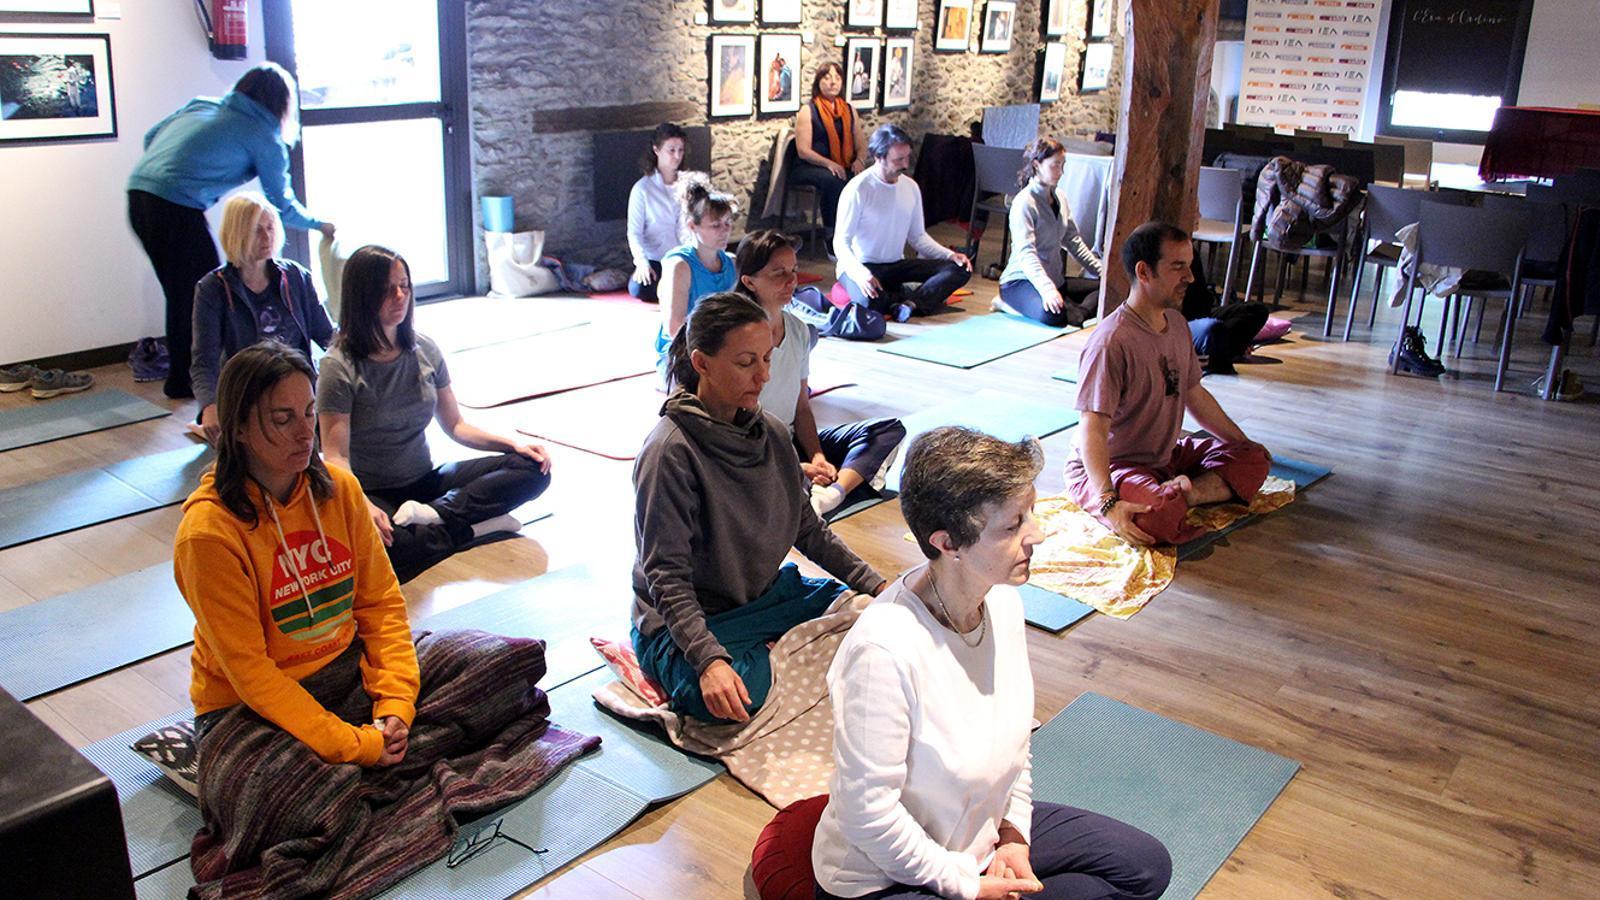 La segona part del taller on els participants s'han relaxat a través de tècniques de ioga. / M. M. (ANA)